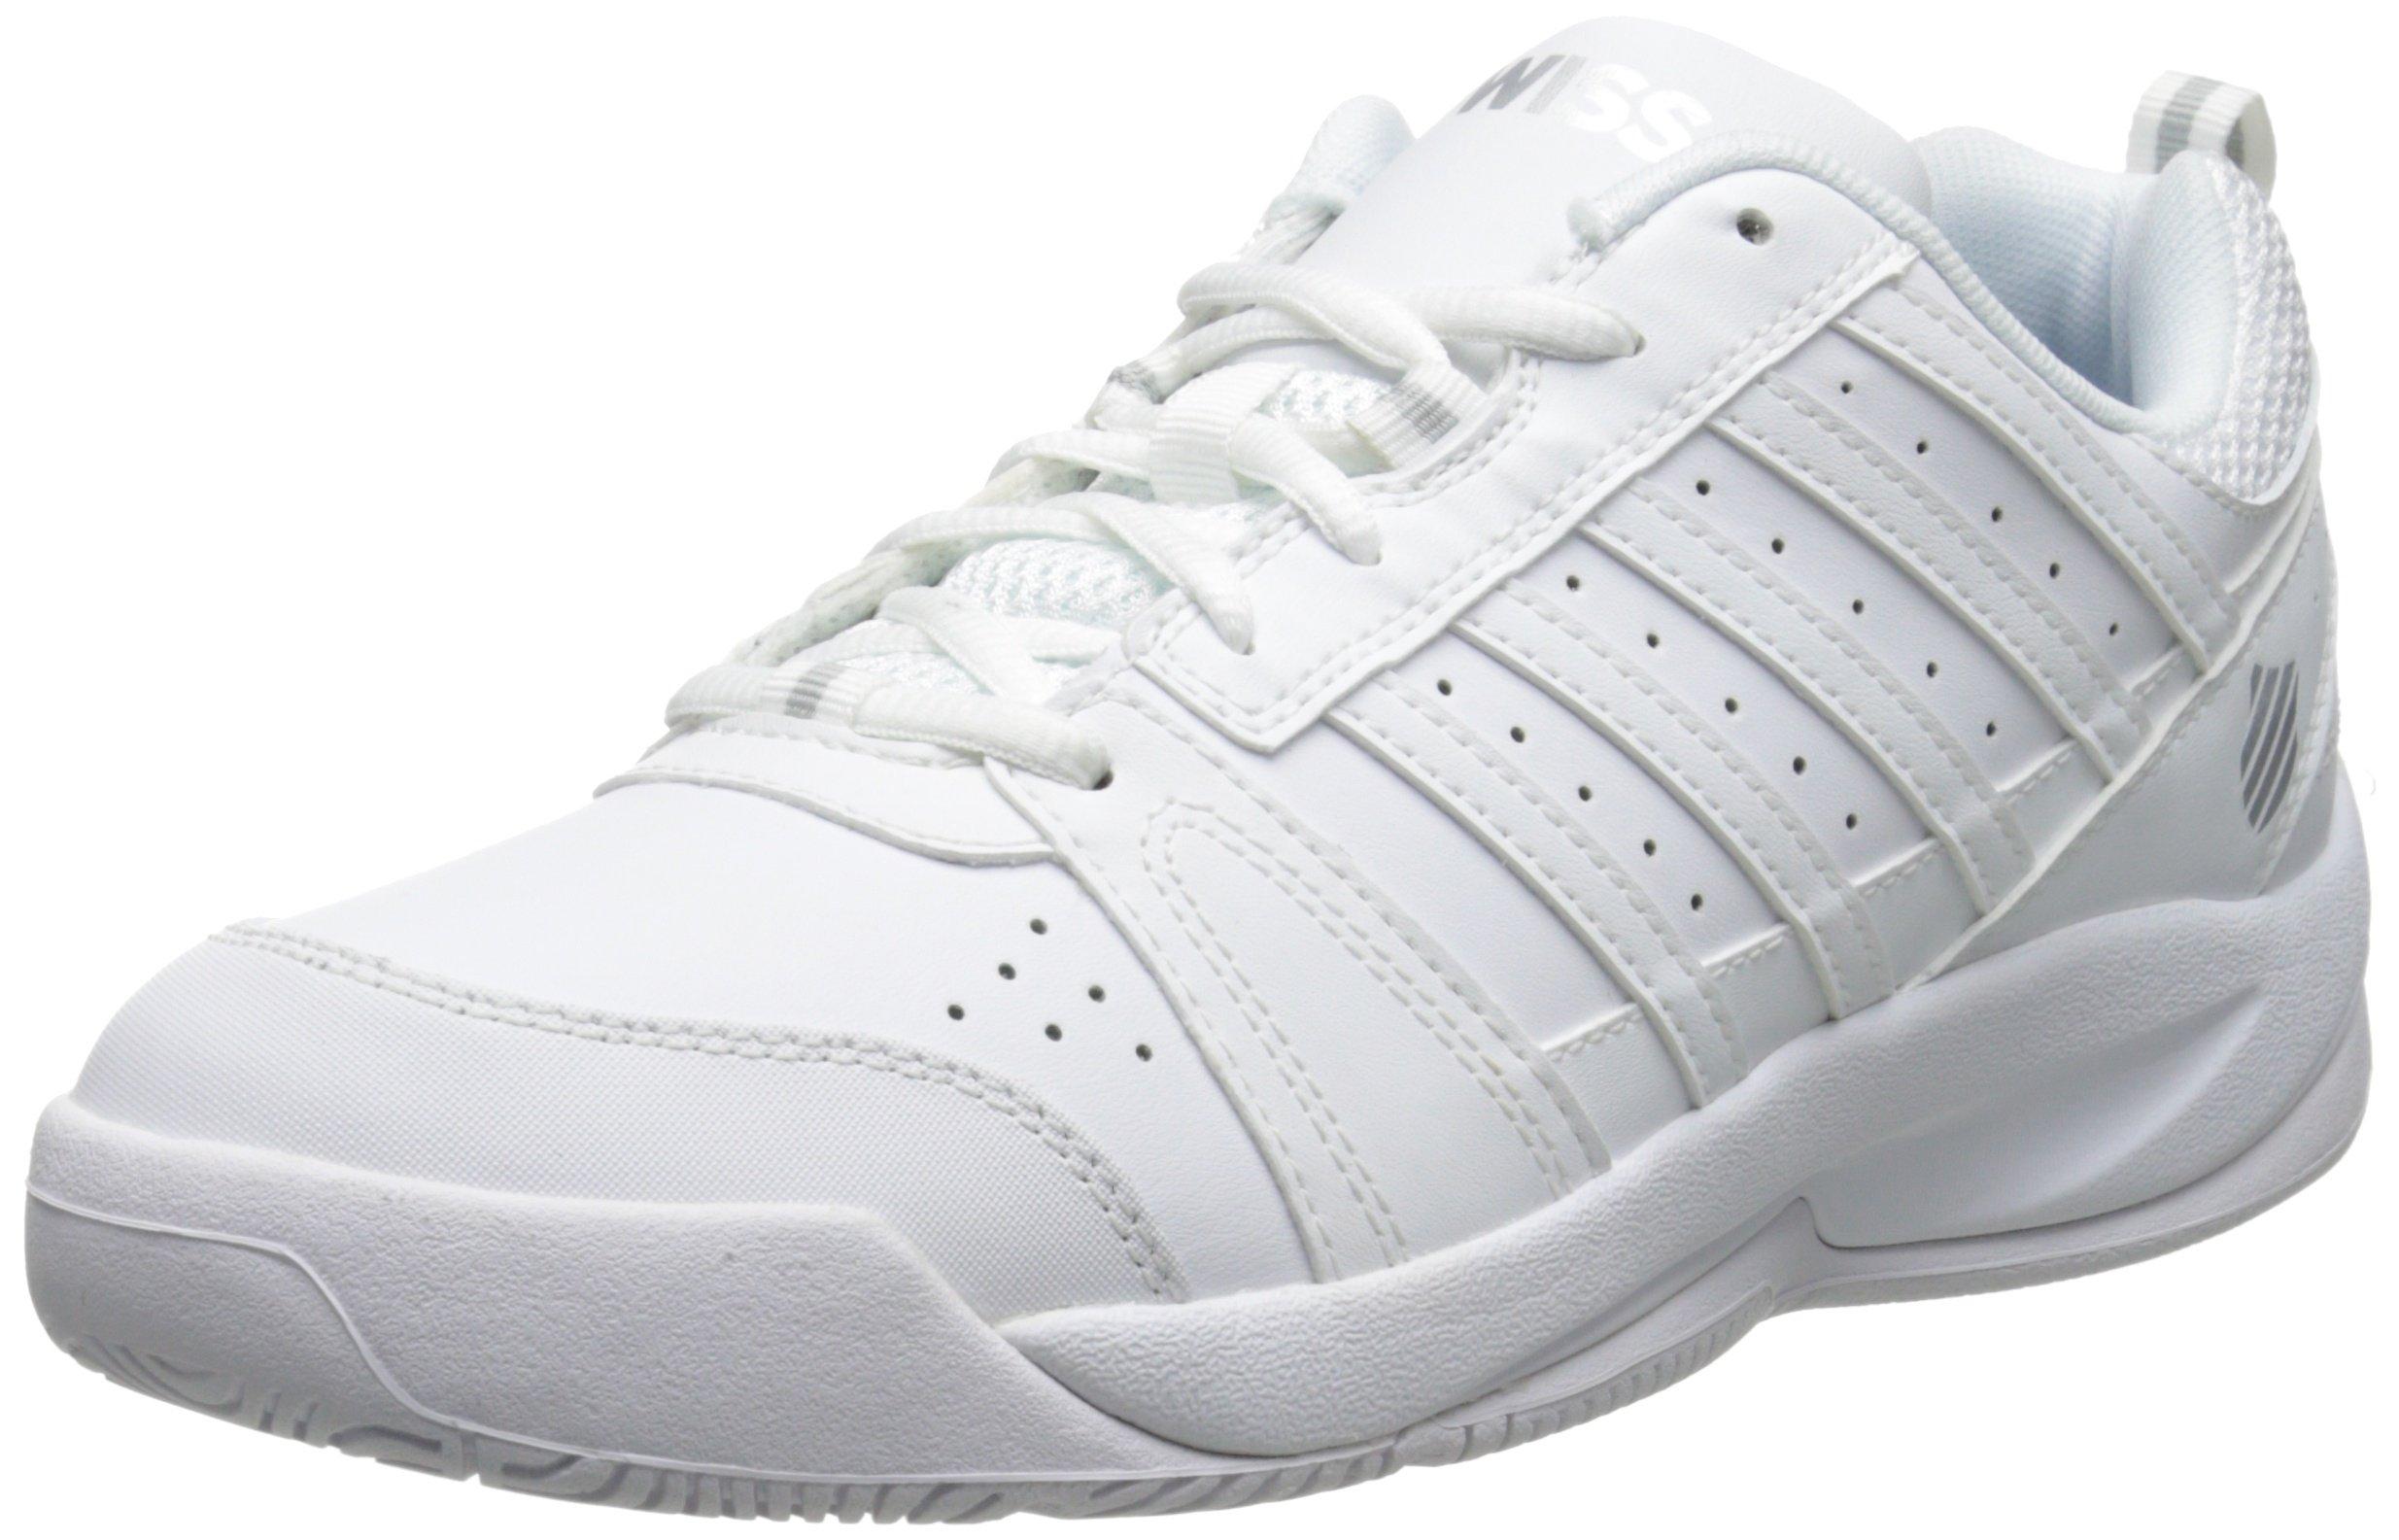 K-Swiss Women's Vendy Tennis Shoe, White/Silver, 7.5 M US by K-Swiss